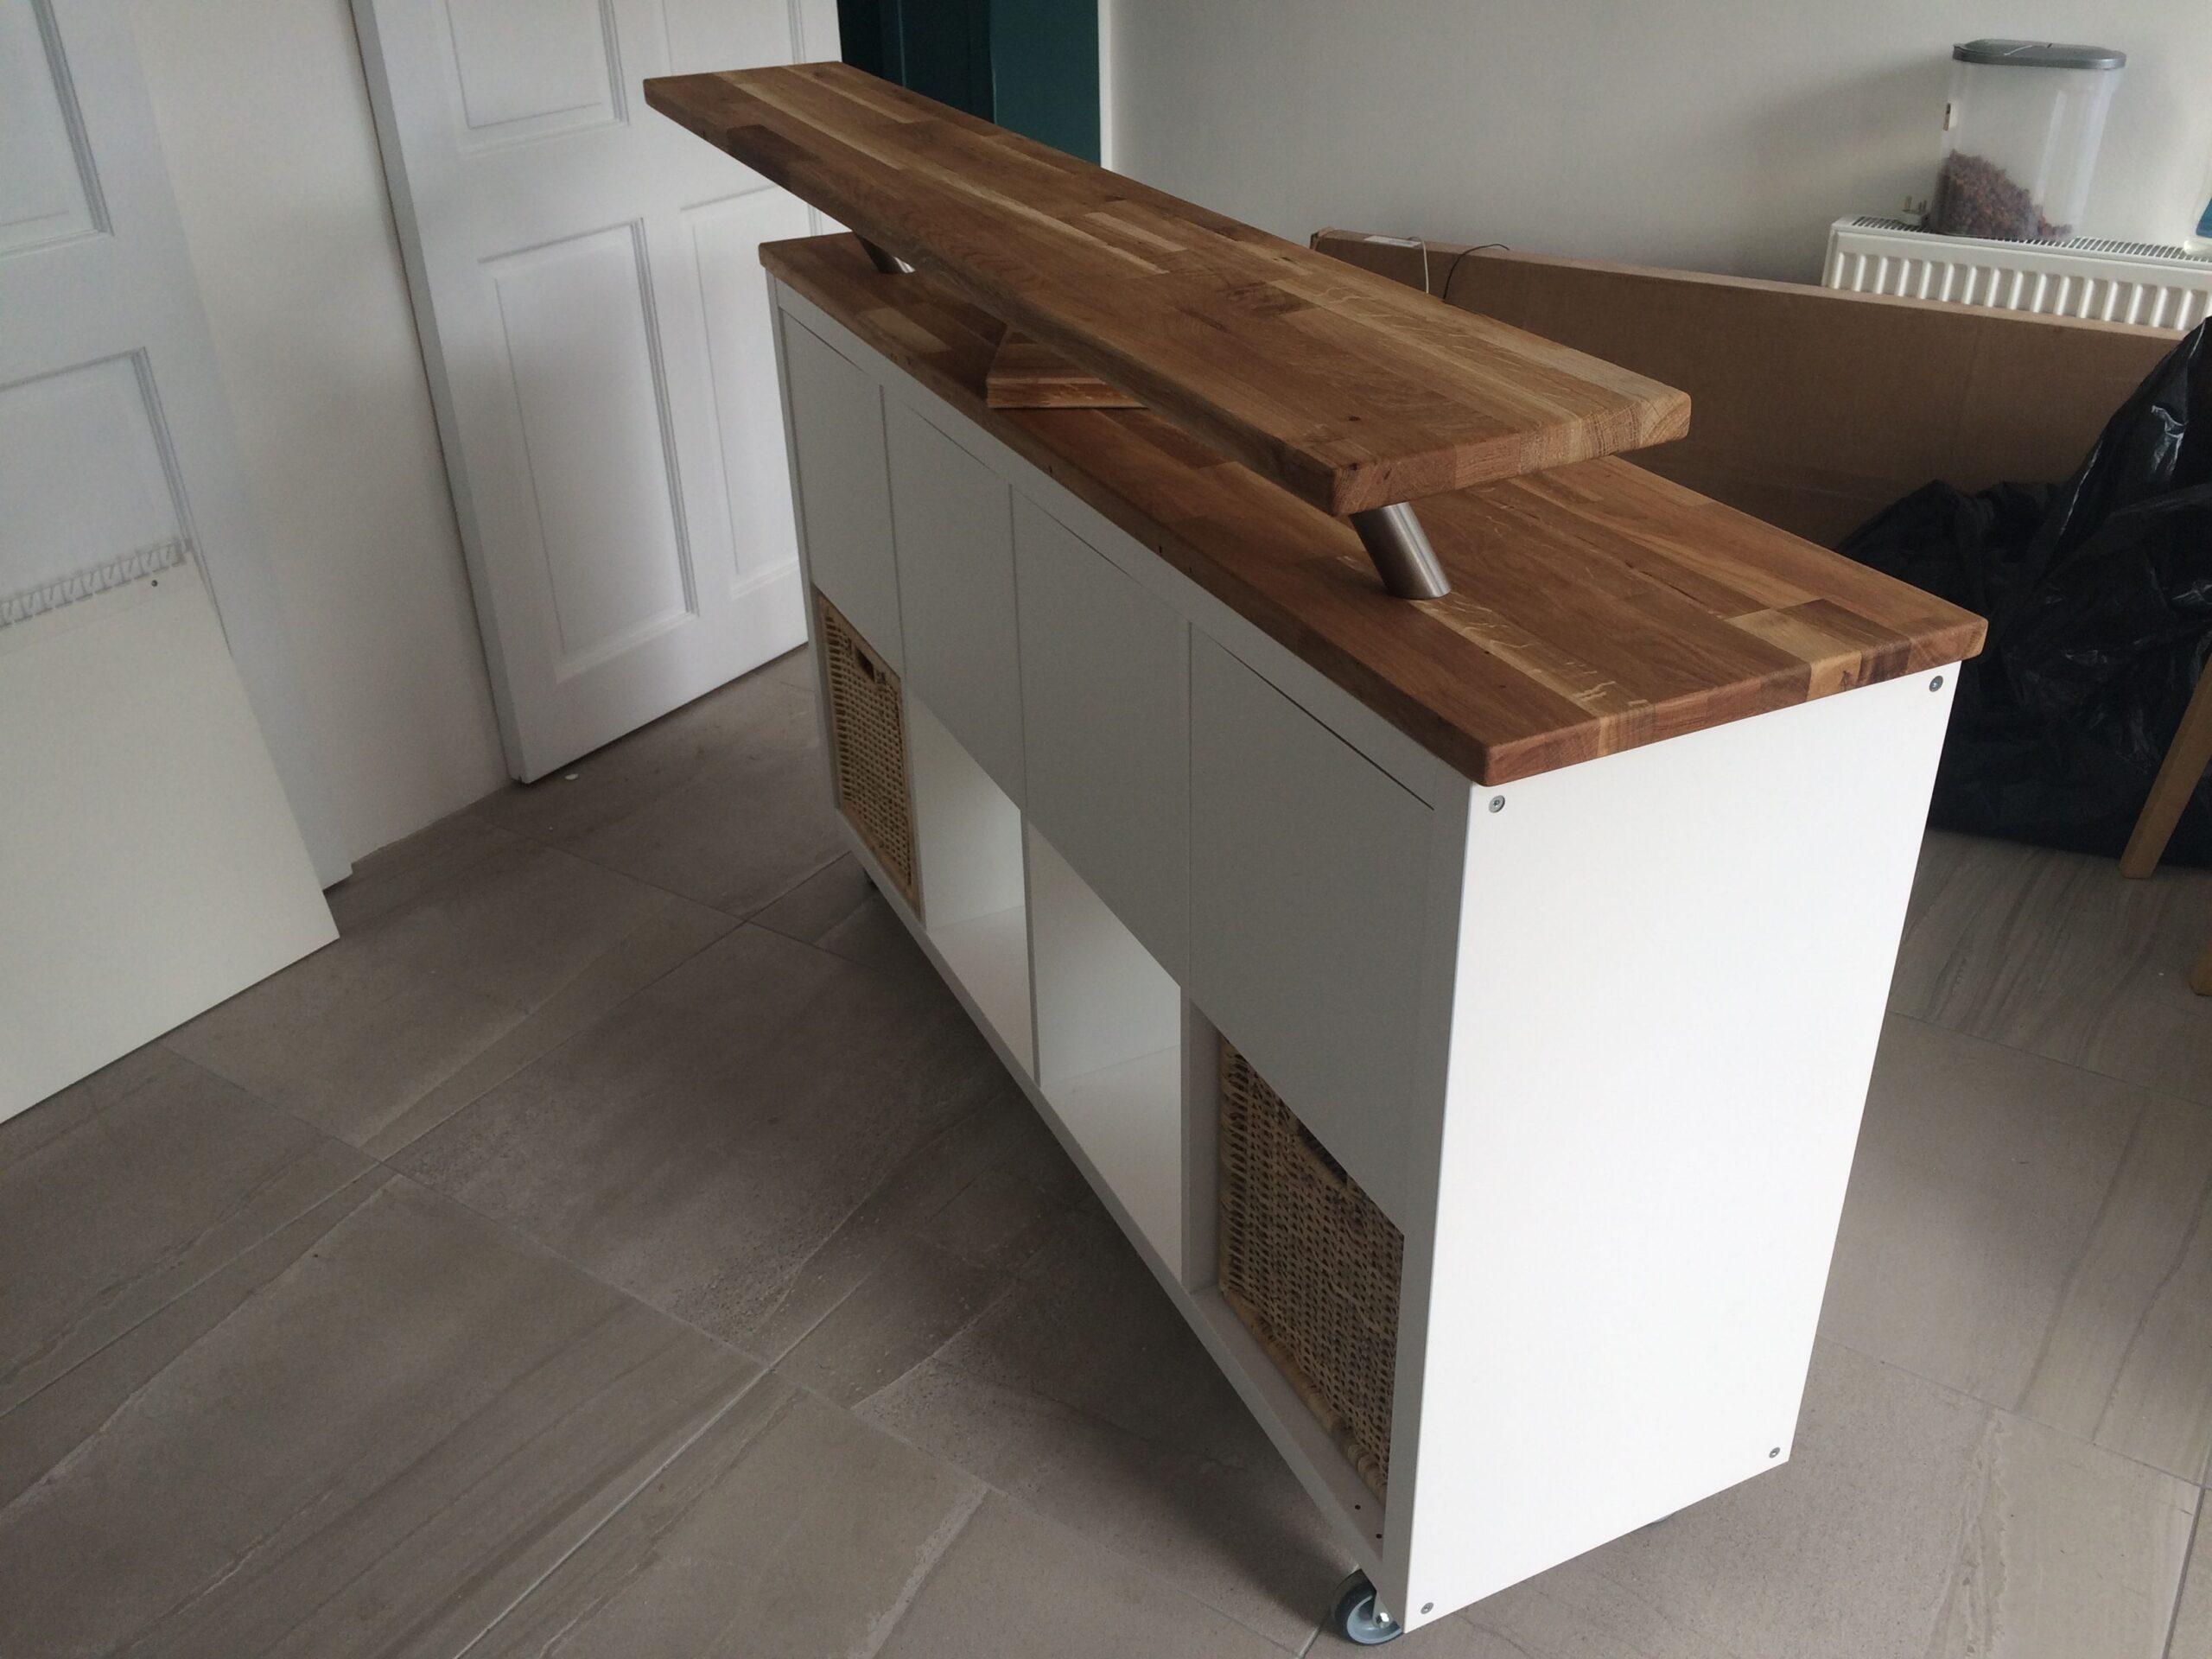 Full Size of Ikea Küchentheke Betten 160x200 Modulküche Küche Kosten Bei Kaufen Sofa Mit Schlaffunktion Miniküche Wohnzimmer Ikea Küchentheke